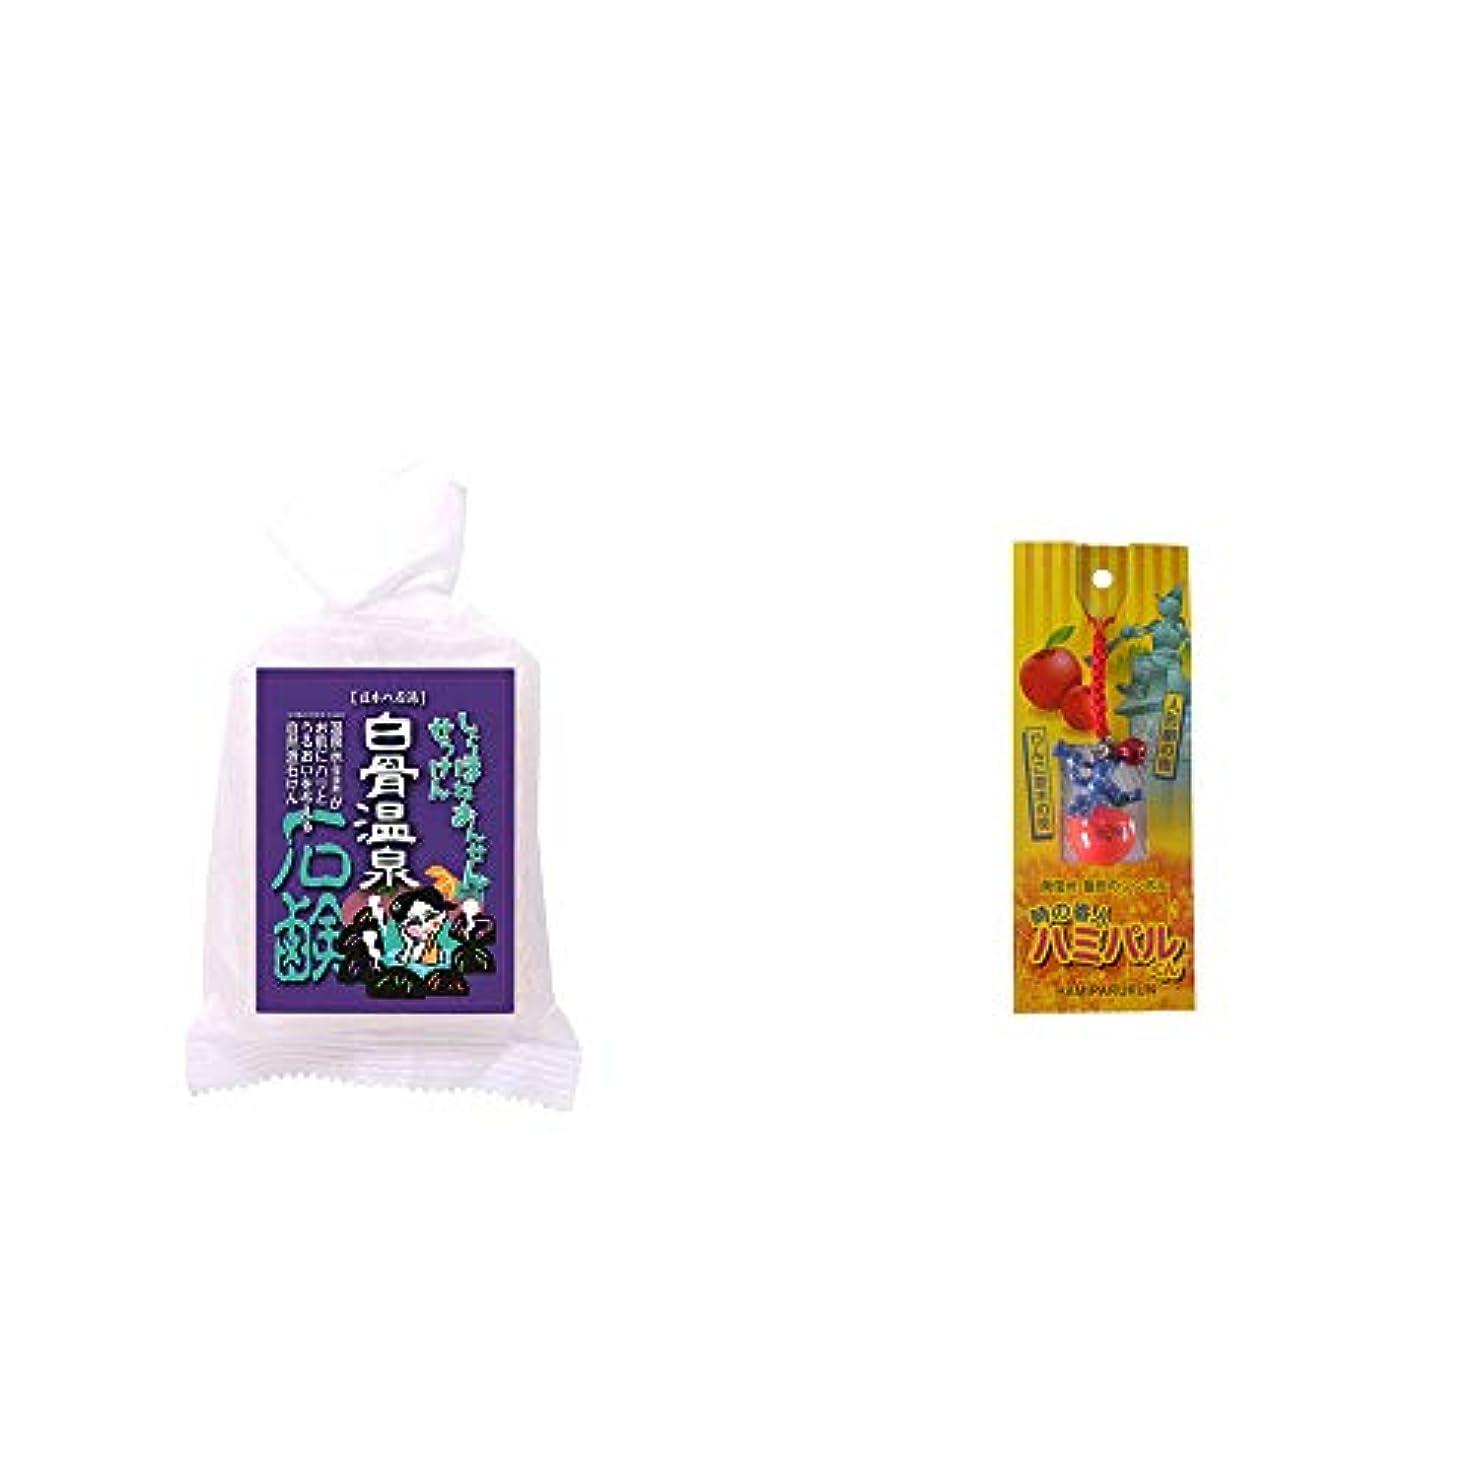 反発強化中央[2点セット] 信州 白骨温泉石鹸(80g)?信州?飯田のシンボル 時の番人ハミパルくんストラップ